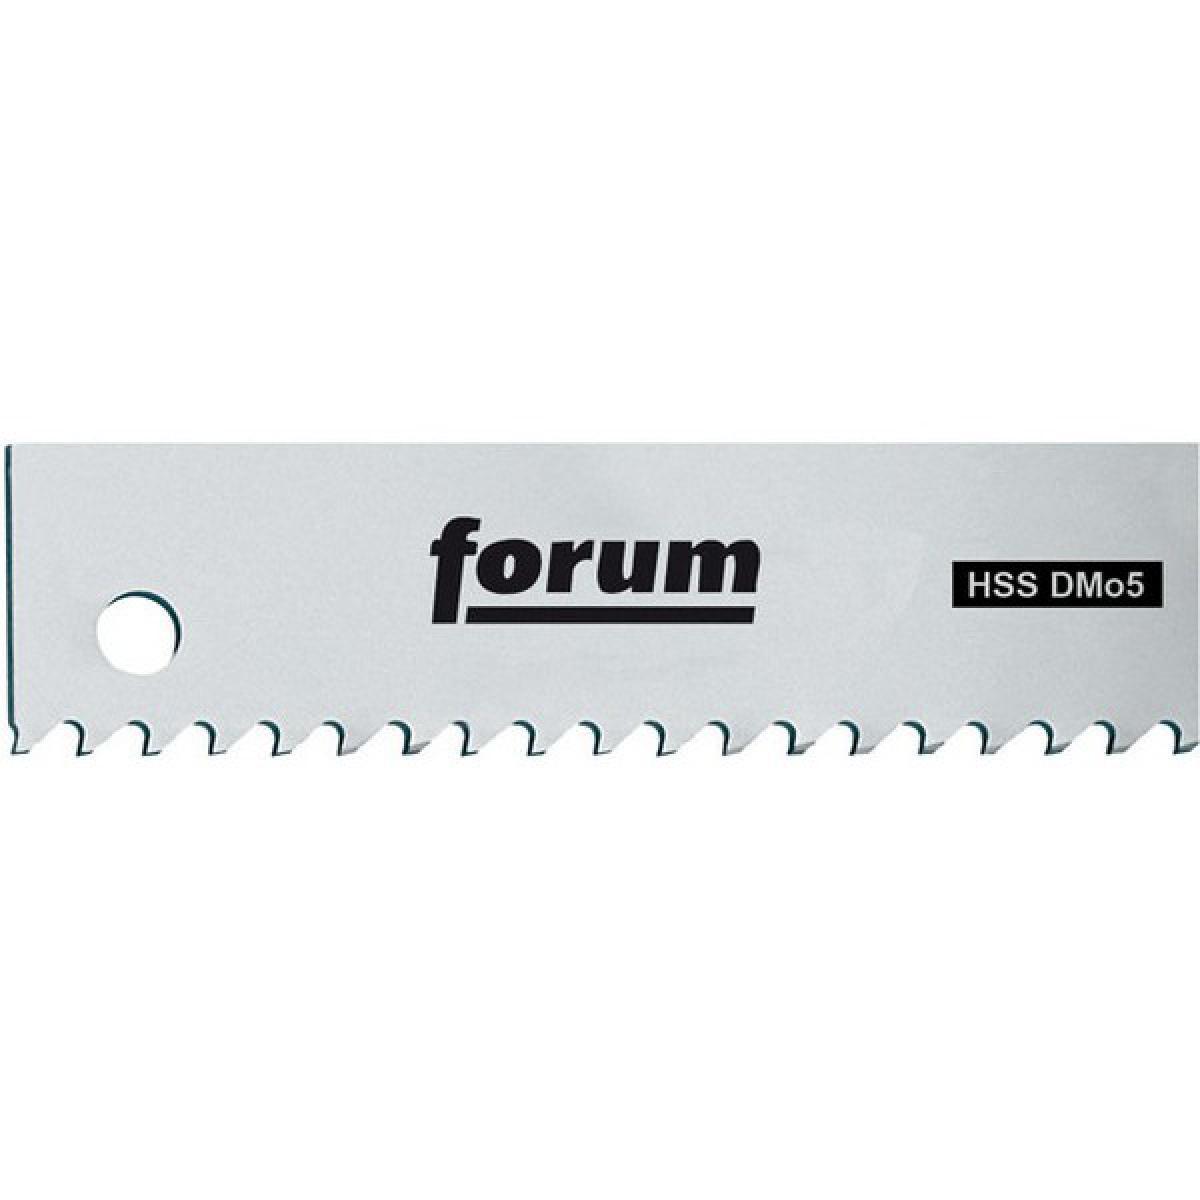 Forum Lame de scie alternative, Long. : 500 mm, Larg. : 48 mm, Épais. : 2,5 mm, Dents par pouce : 4